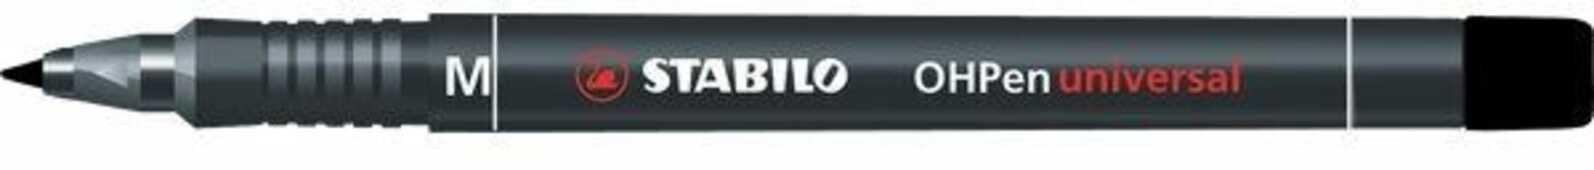 Cartoleria Pennarello STABILO OHPen Universal punta media 1 mm. Inchiostro permanente. Nero Stabilo